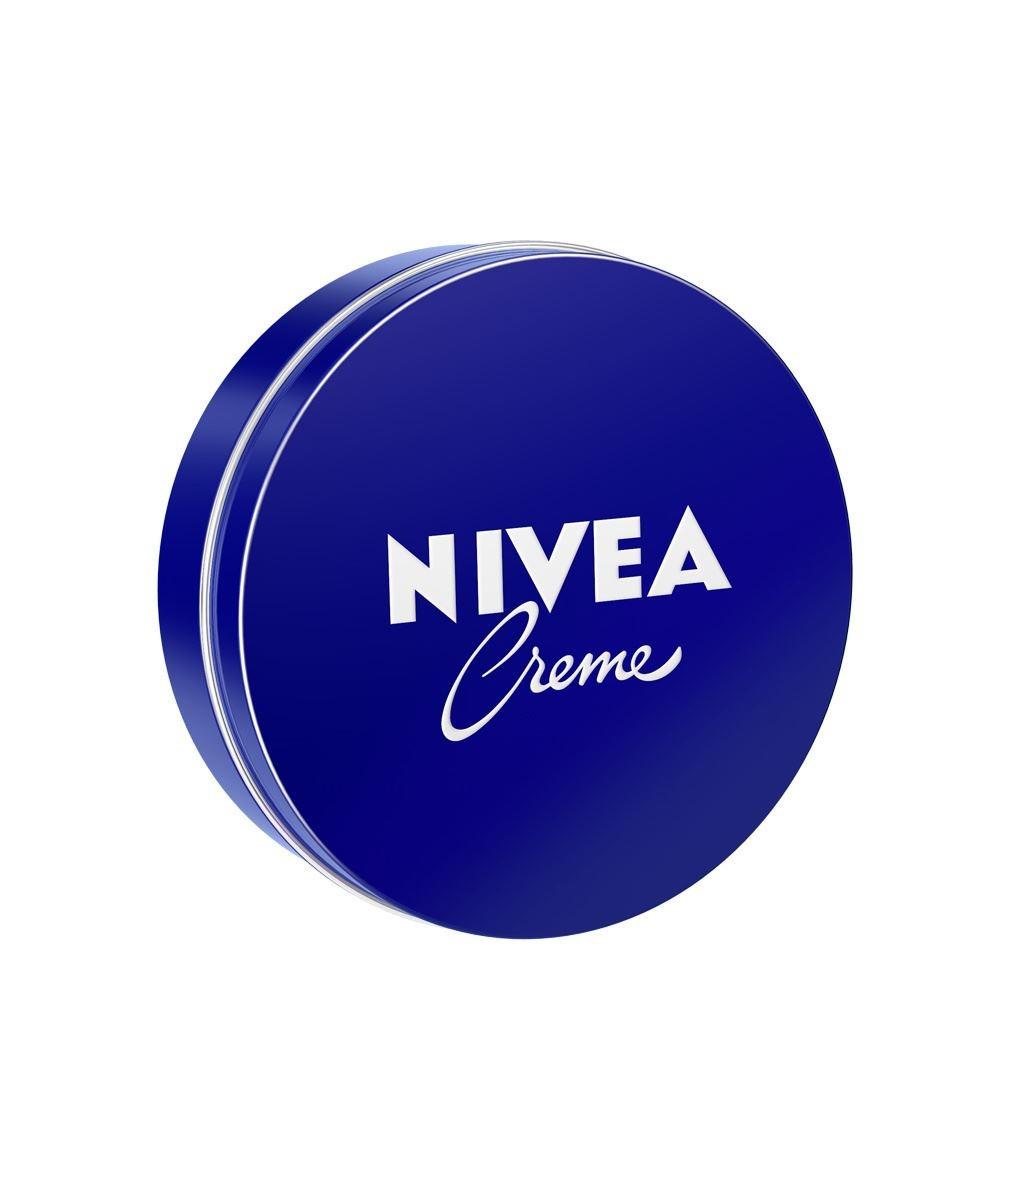 НИВЕА КРЕМ 75мл | NIVEA CREME 75ml